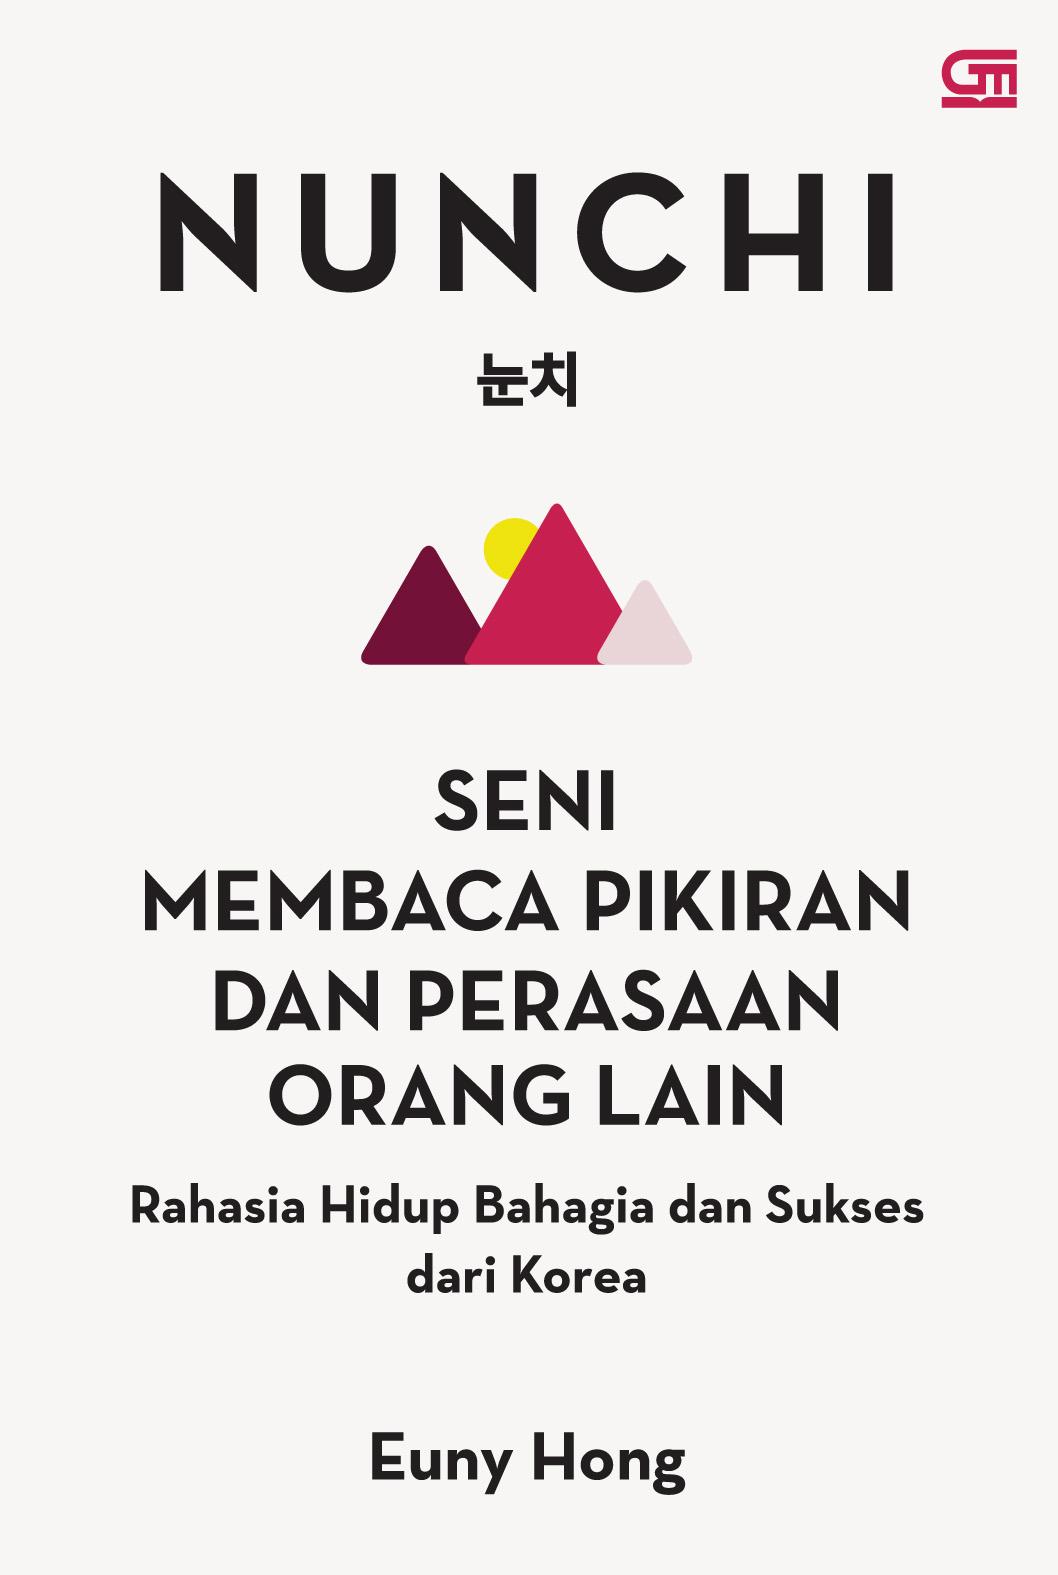 Nunchi: Seni Membaca Pikiran dan Perasaan Orang Lain--Rahasia Hidup Bahagia dan Sukses dari Korea